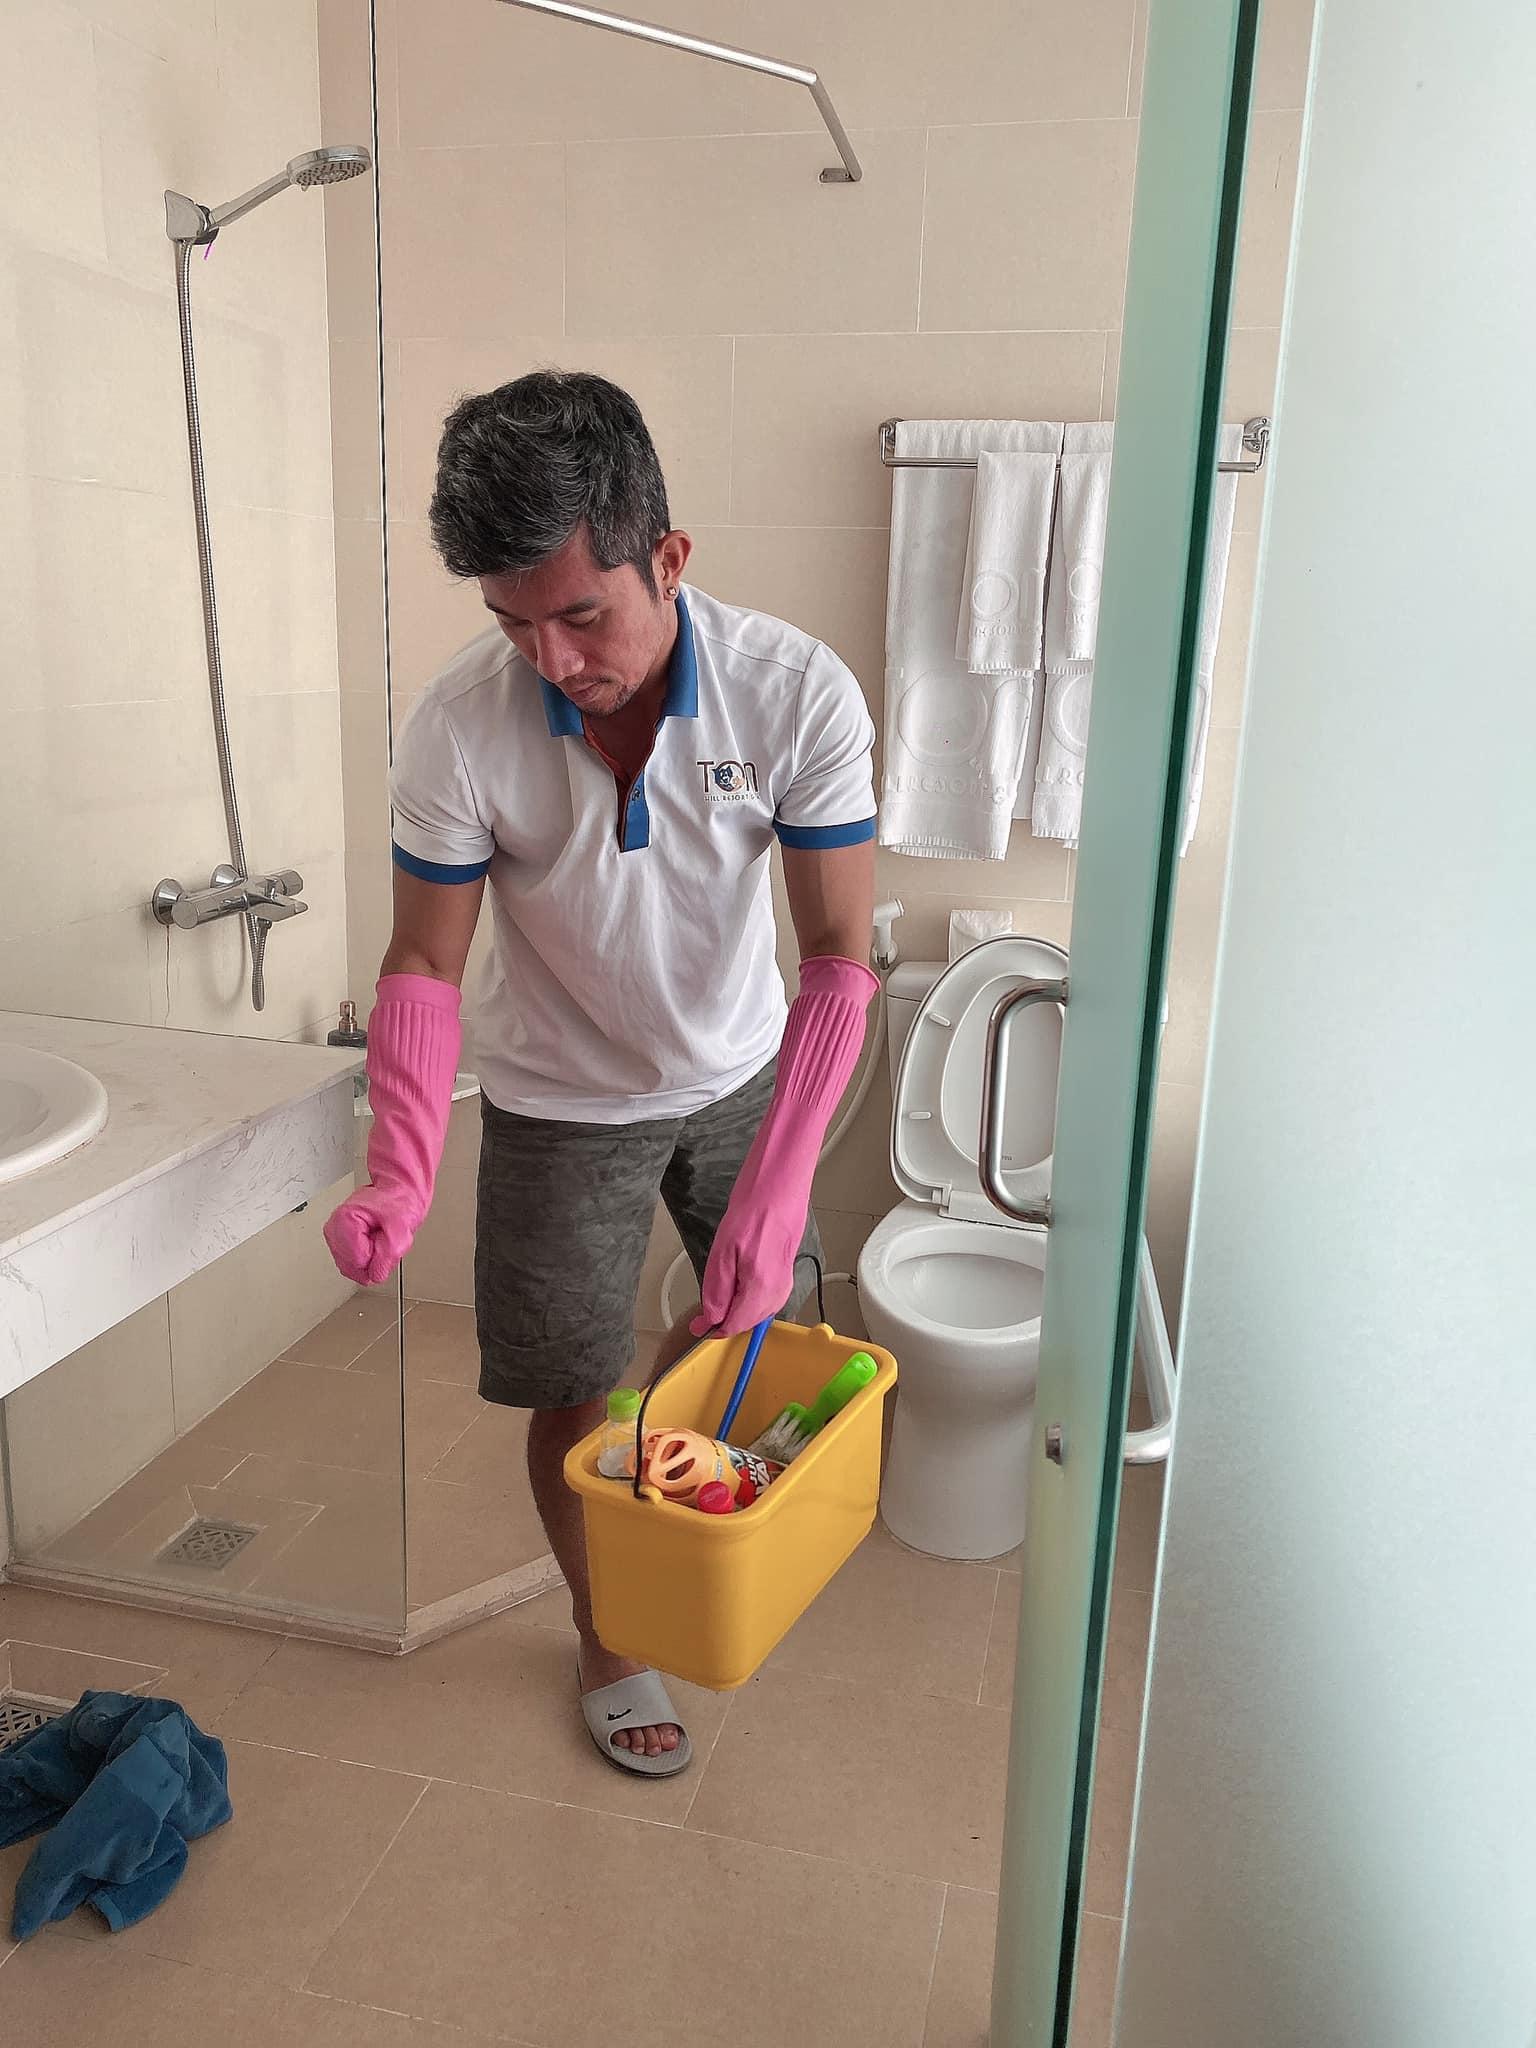 Lương Bằng Quang làm bảo vệ, cọ toilet kiếm sống ở Phú Quốc - 3